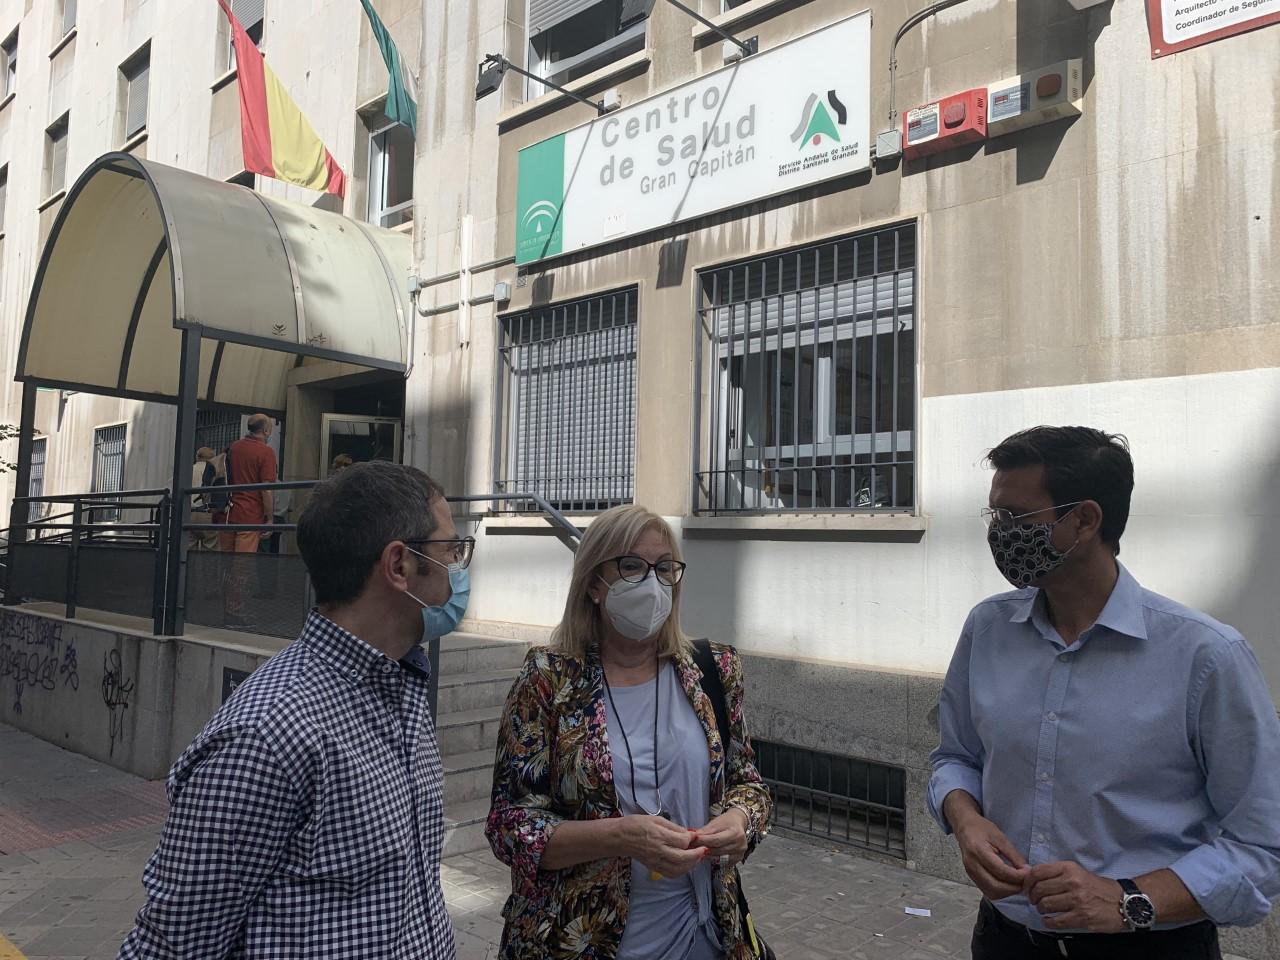 El PSOE denuncia que los recortes en Sanidad ponen en riesgo la salud de los Granadinos